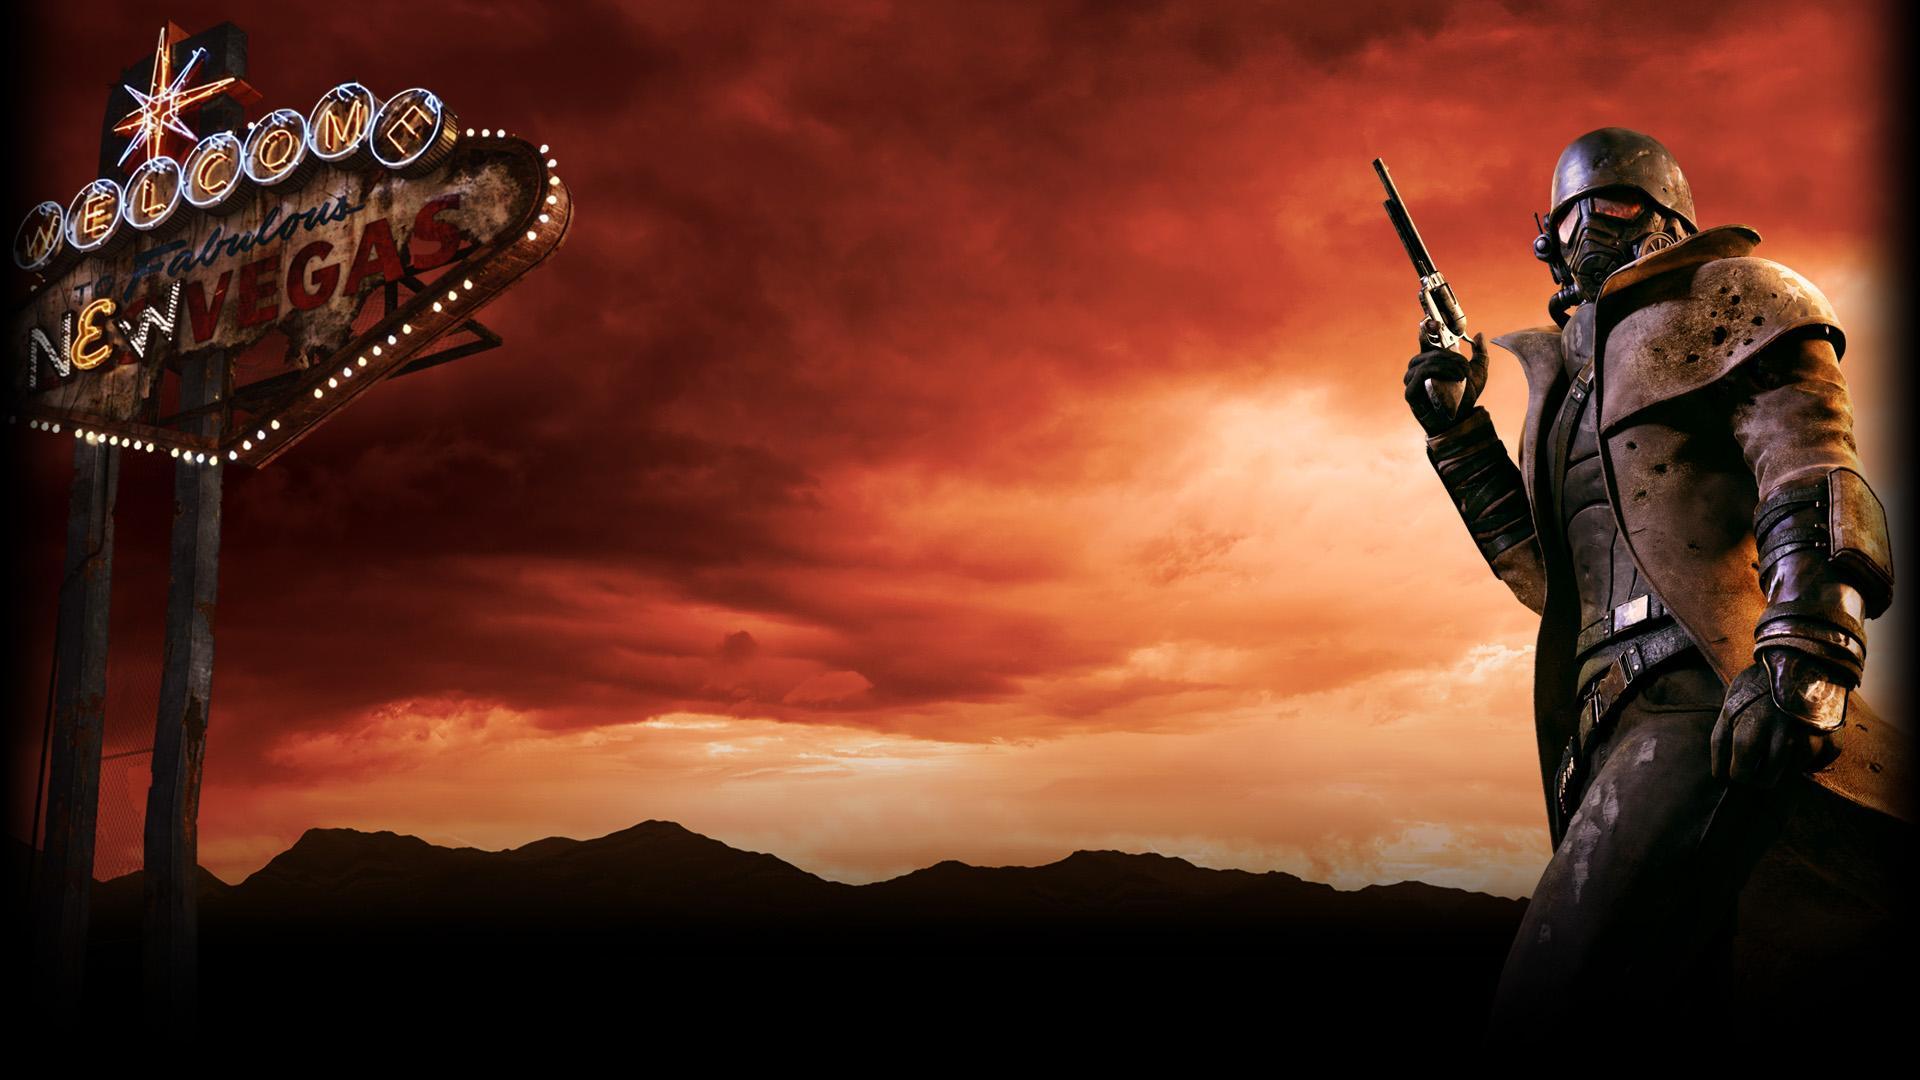 Спидраннер прошел Fallout: New Vegas за 10 минут. Разработчики уже выпустили ответное видео